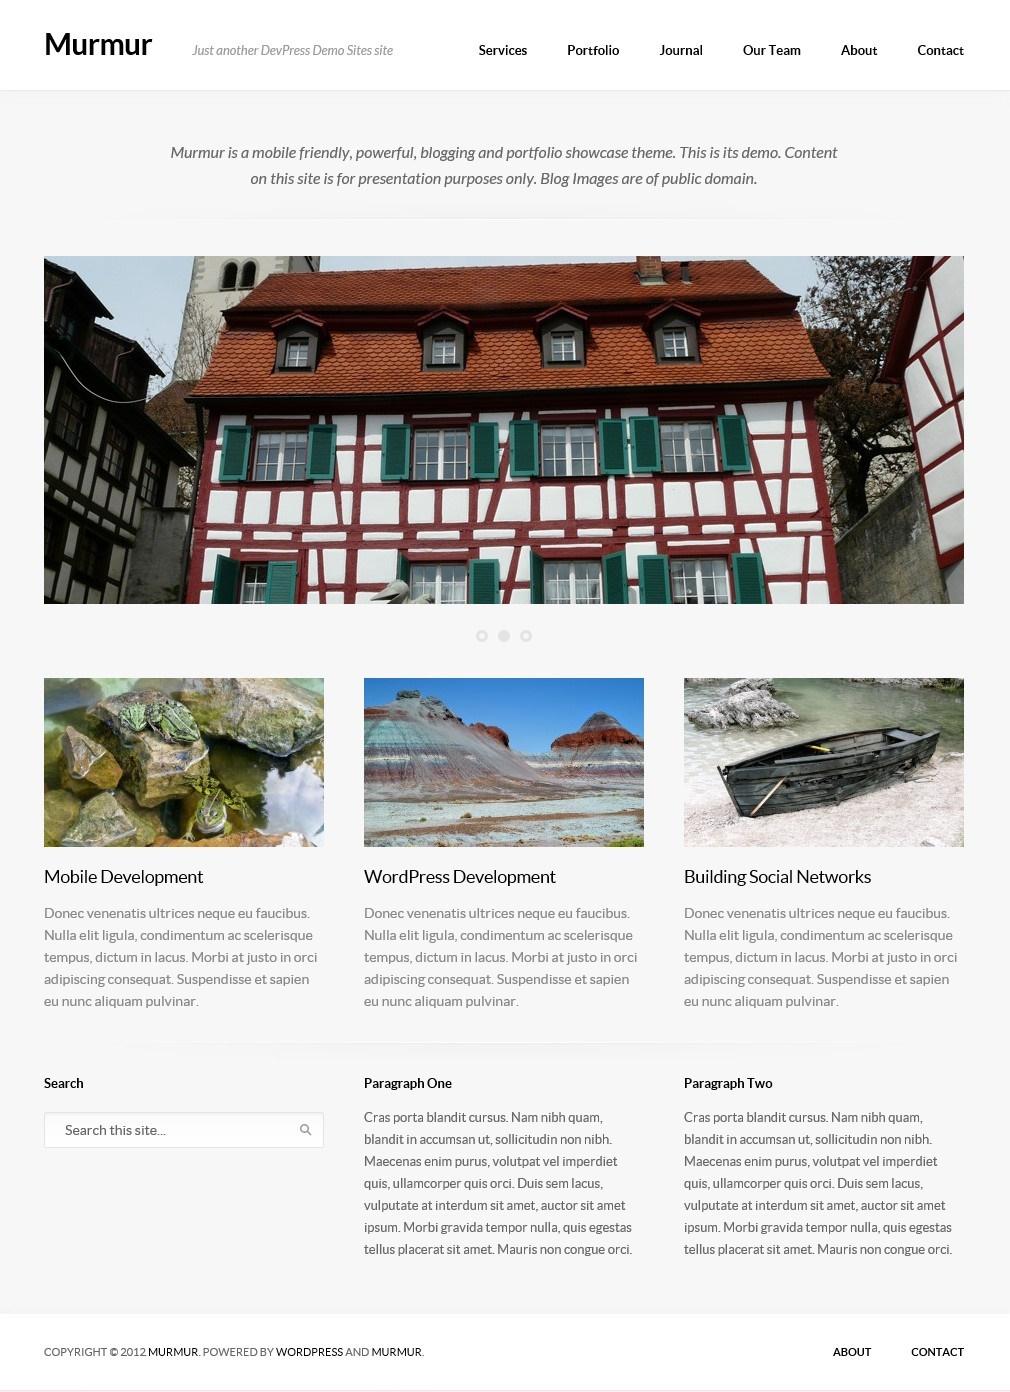 Murmur - тема для блога с портфолио и дизайном, адаптированным под разное разрешение экрана | n-wp.ru